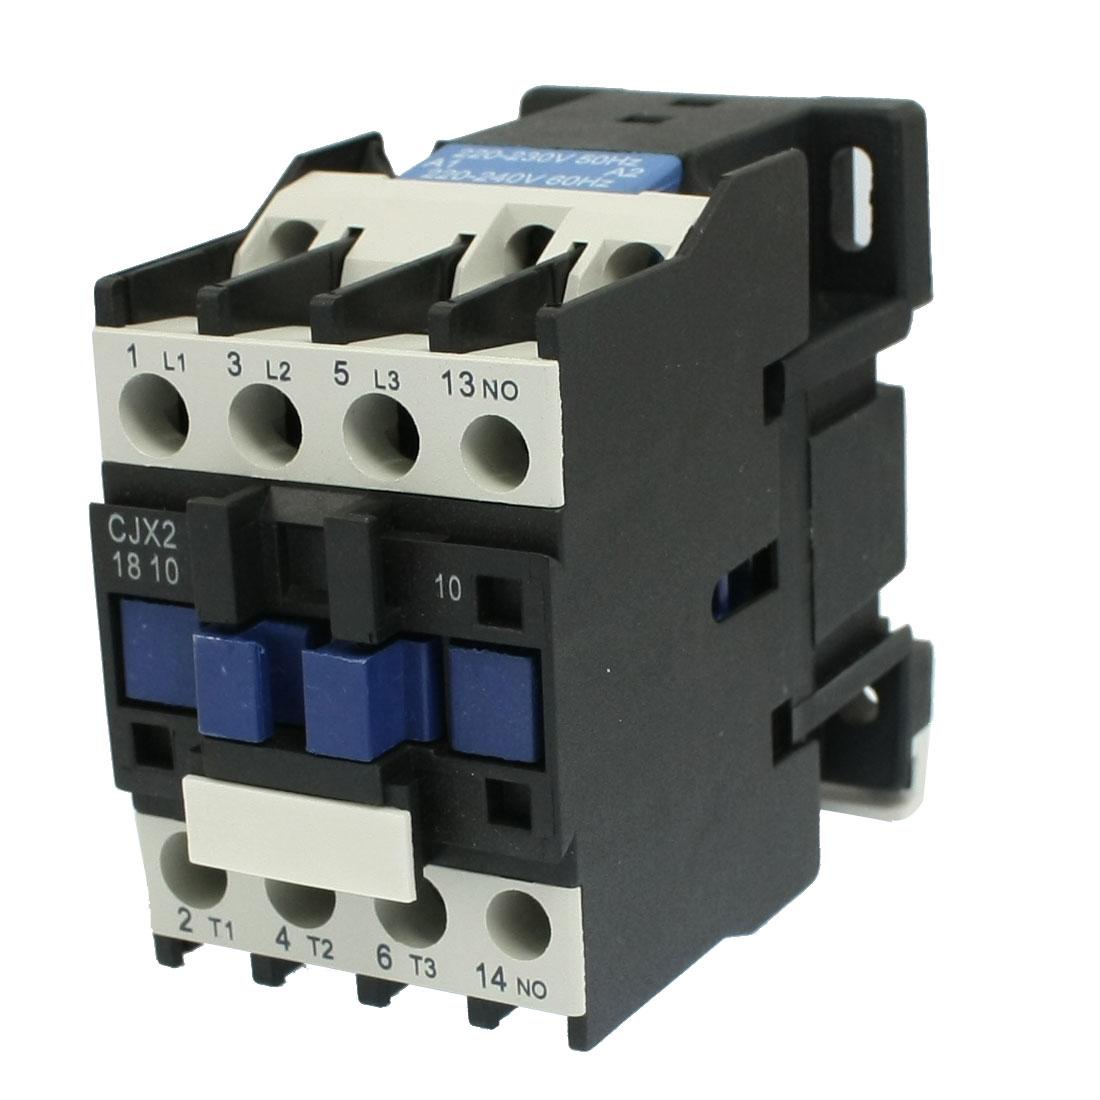 CJX2-1810 AC Contactor 18A 3 Poles One NO 220-230V 50Hz Coil